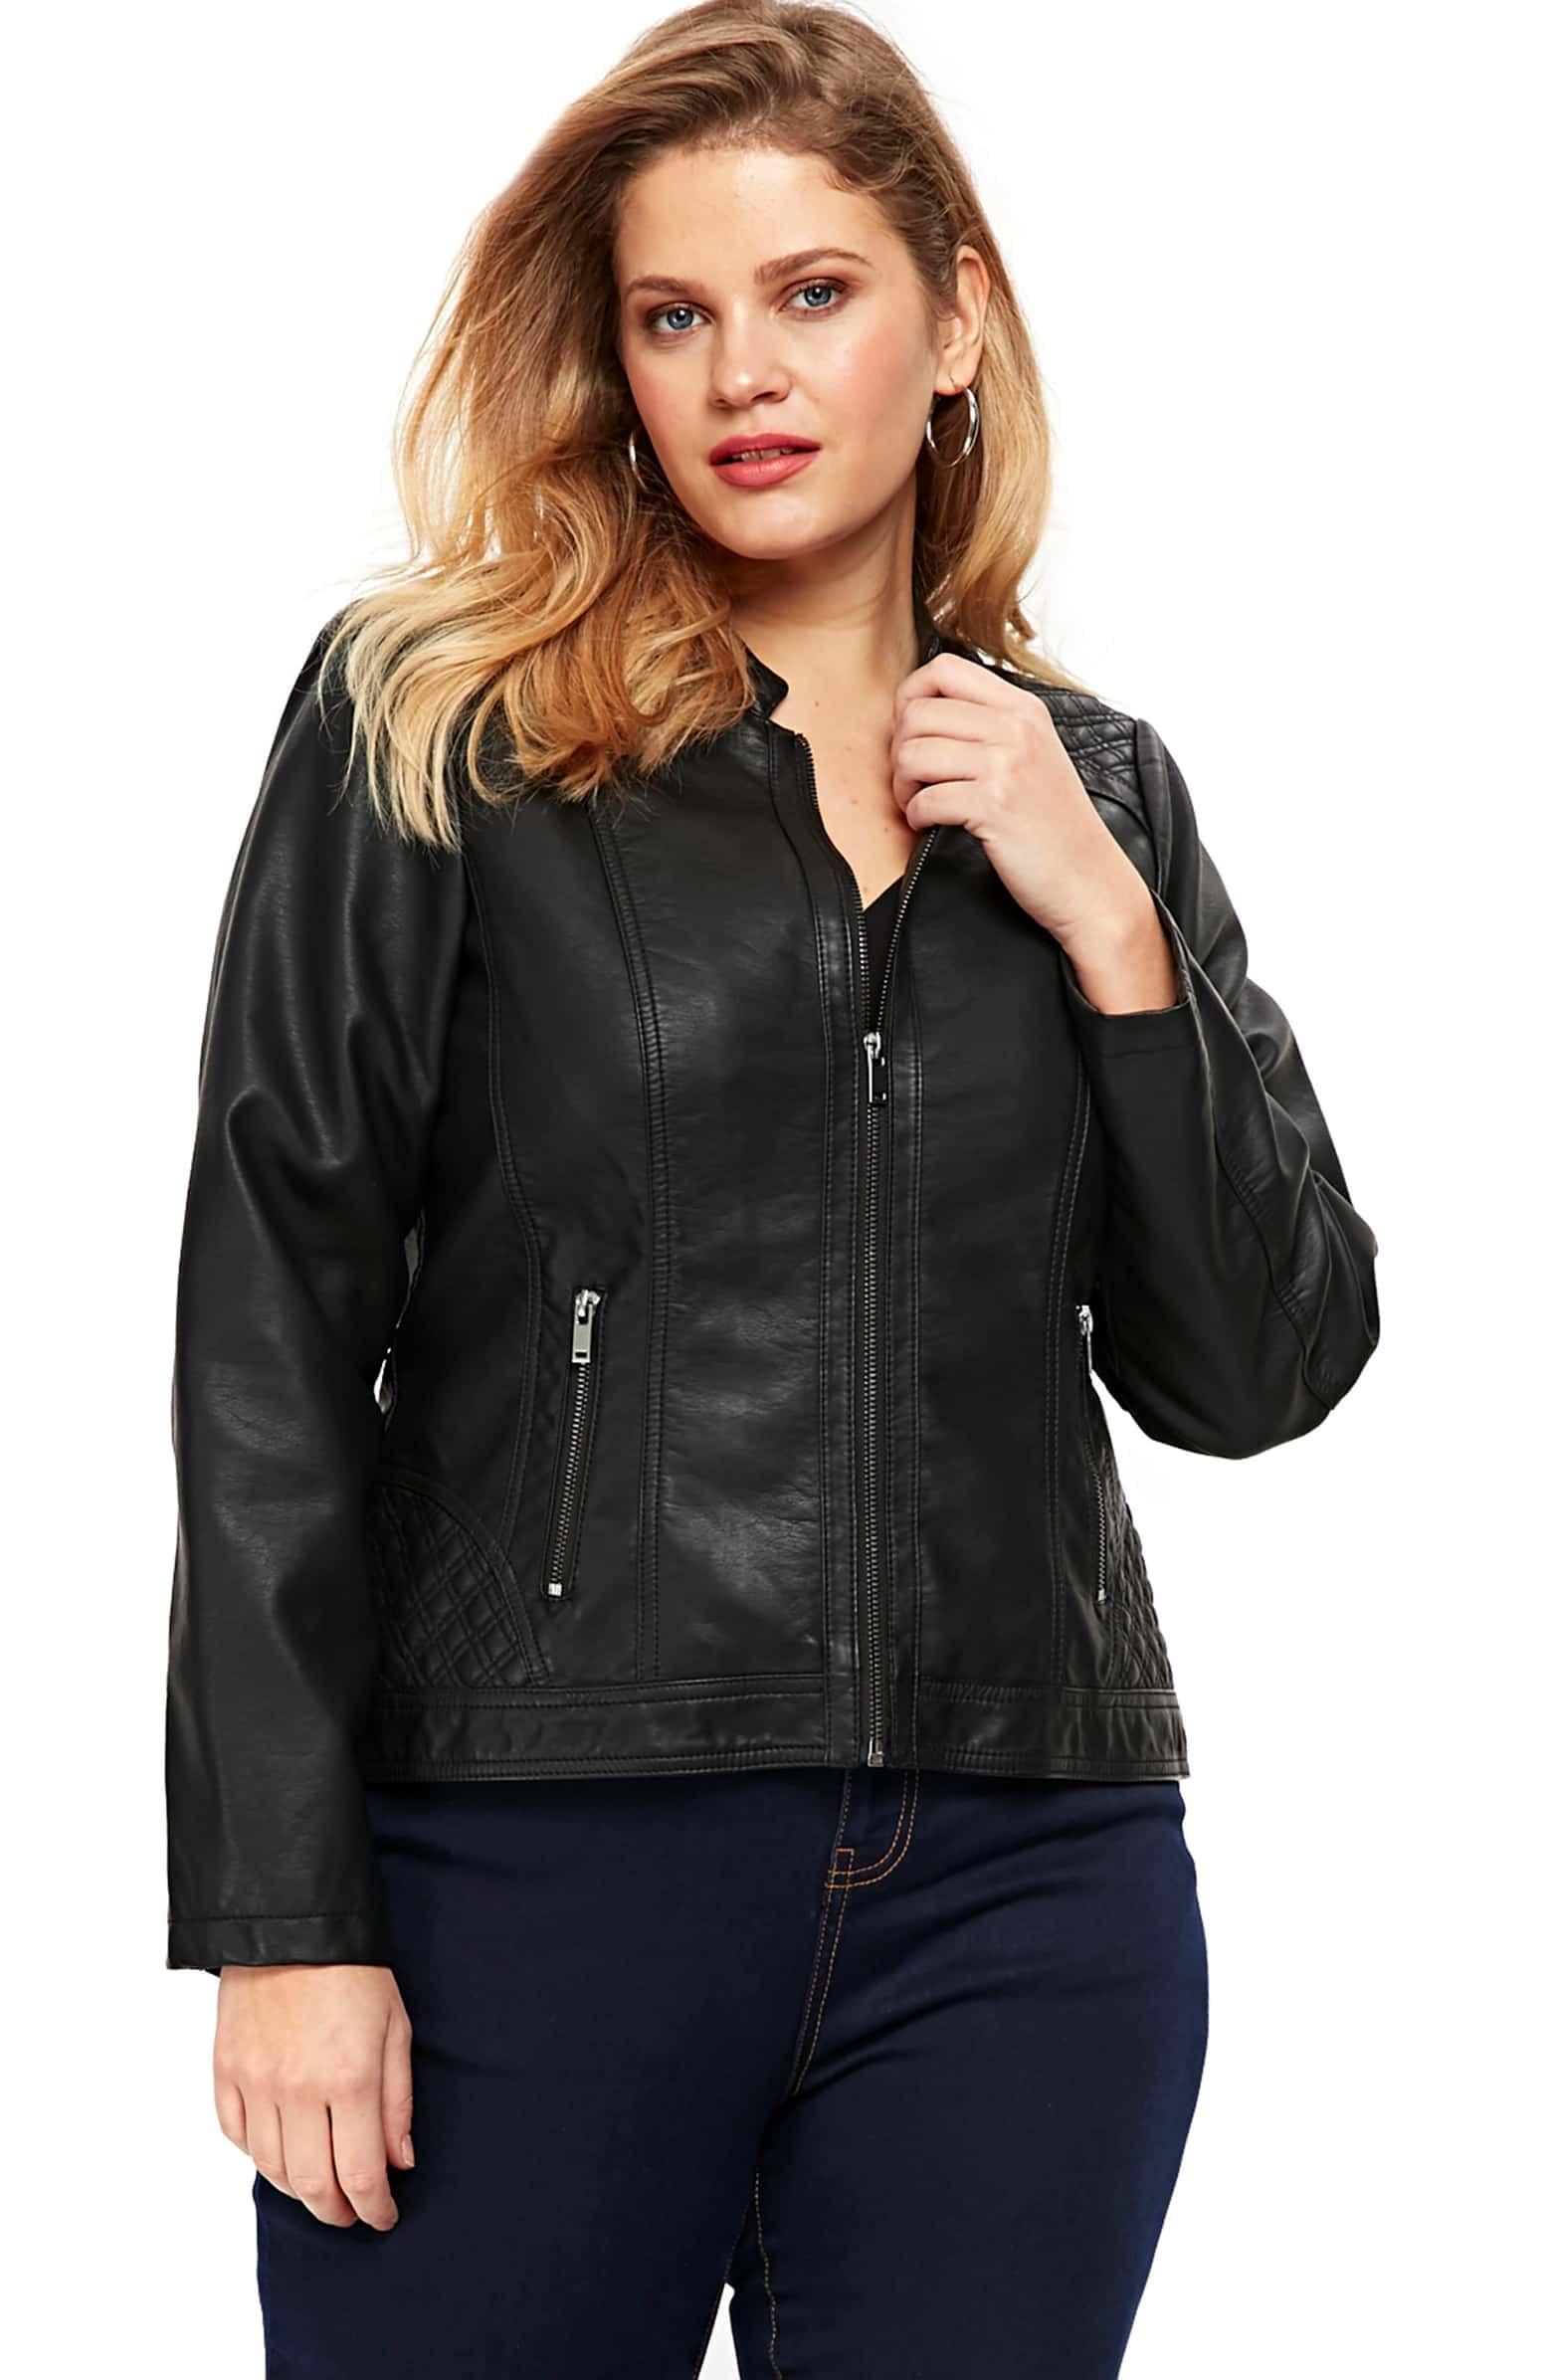 Evans Faux Leather Biker Jacket (Plus Size Jackets